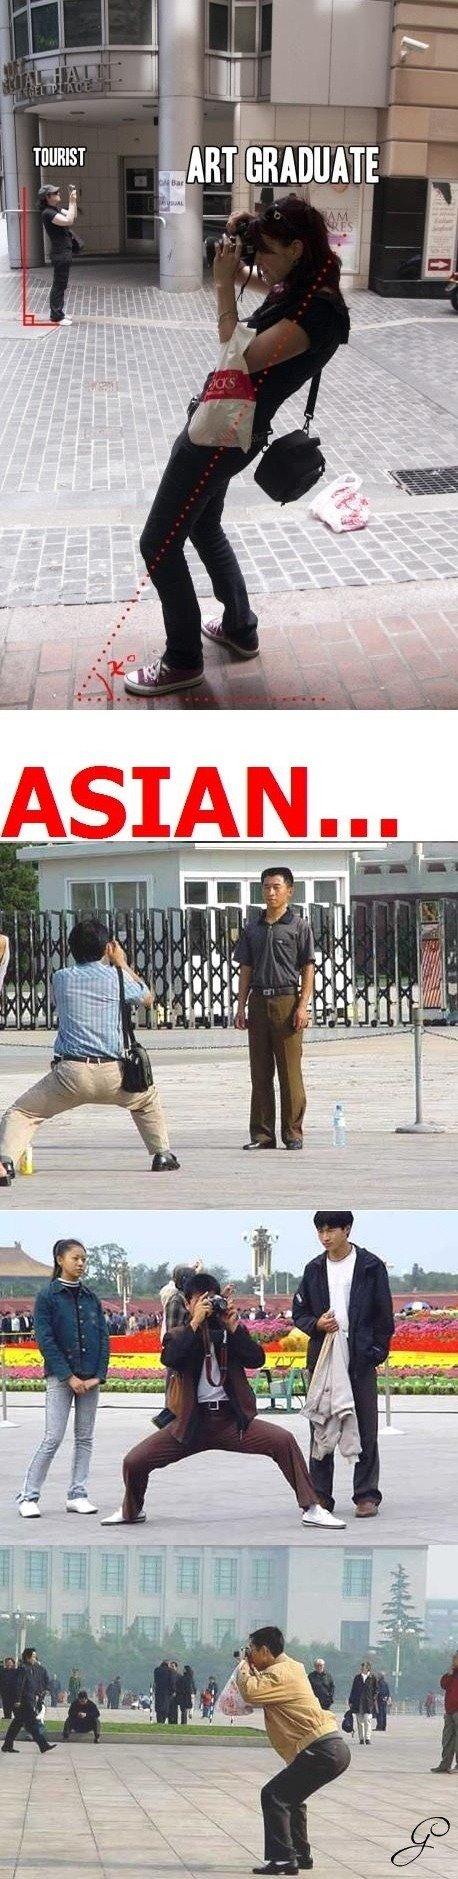 asians... . asians